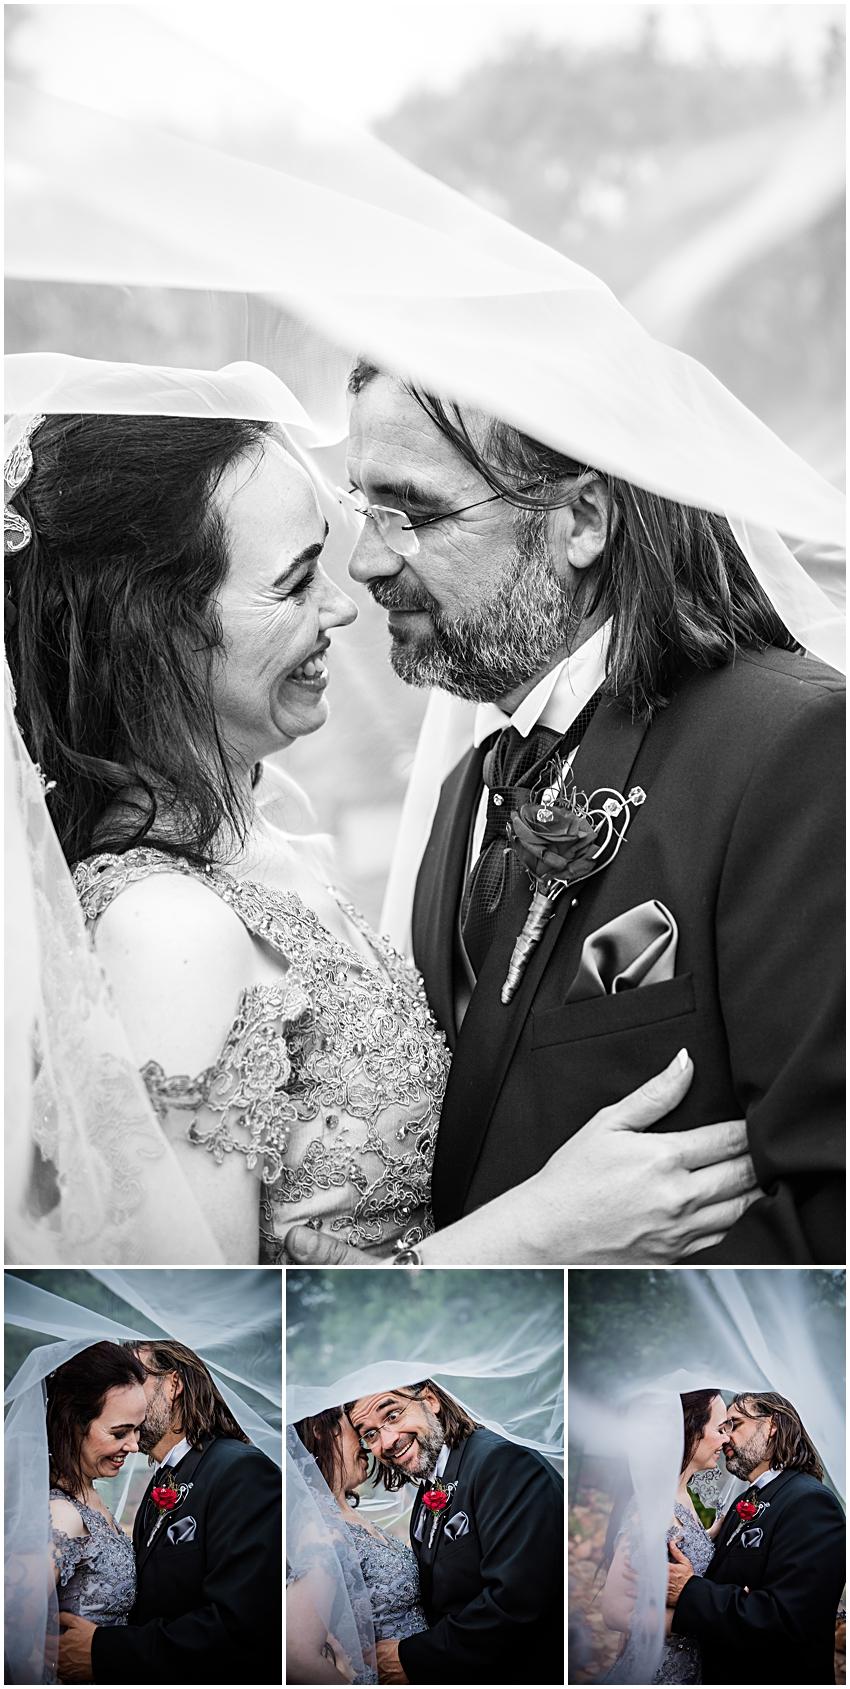 Wedding Photography - AlexanderSmith_4401.jpg